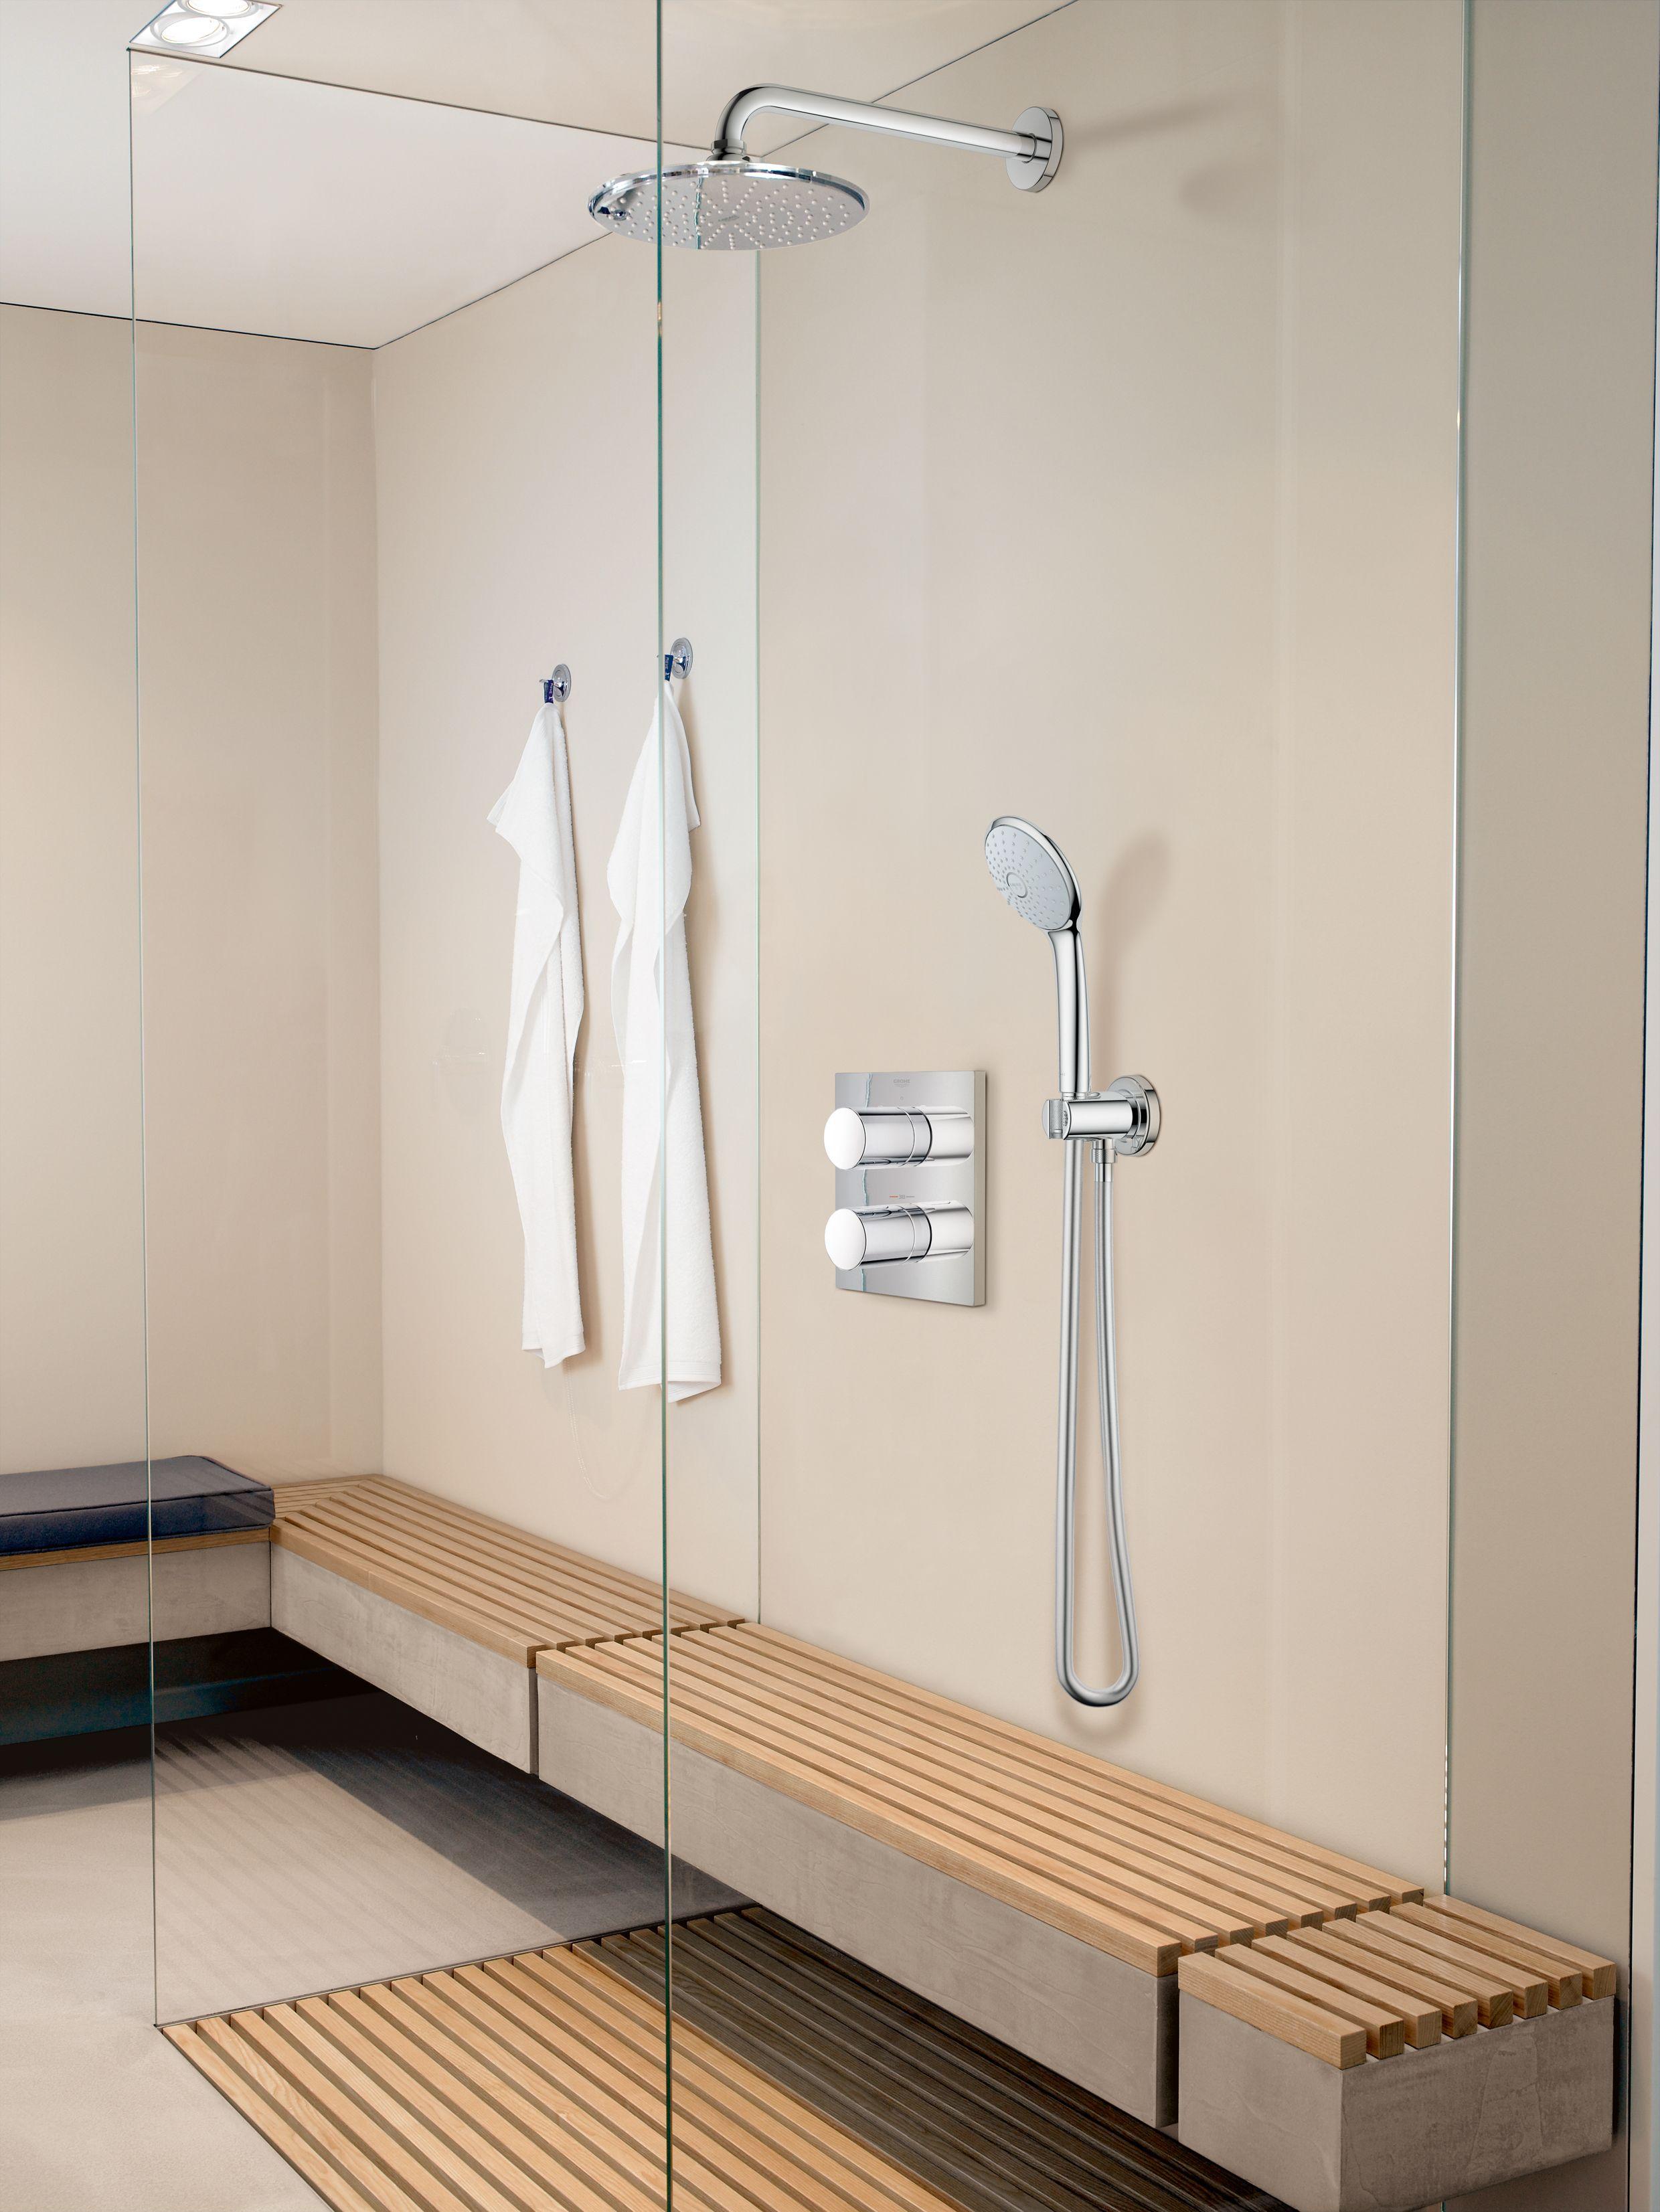 Luxe GROHE inbouwset, verkrijgbaar bij Sanisale.com | 0719-badkamer ...